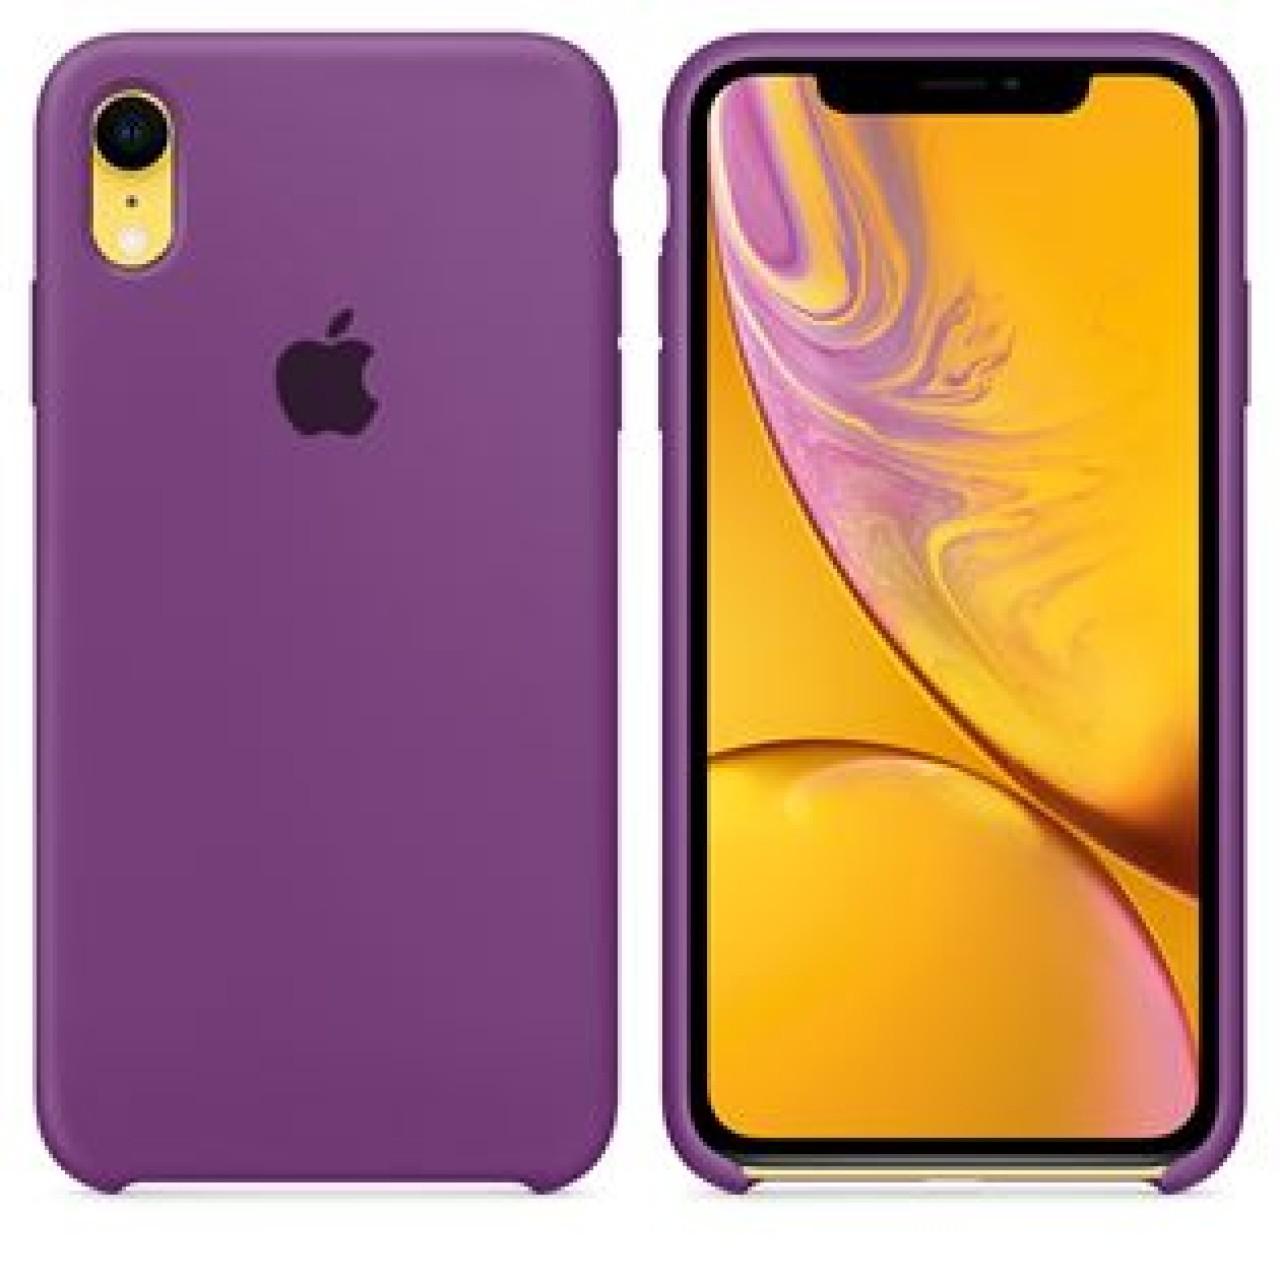 ΘΗΚΗ ΠΡΟΣΤΑΣΙΑΣ ΣΙΛΙΚΟΝΗΣ ΓΙΑ iPhone XR ΜΩΒ - BACK COVER SILICON CASE PURPLE - OEM